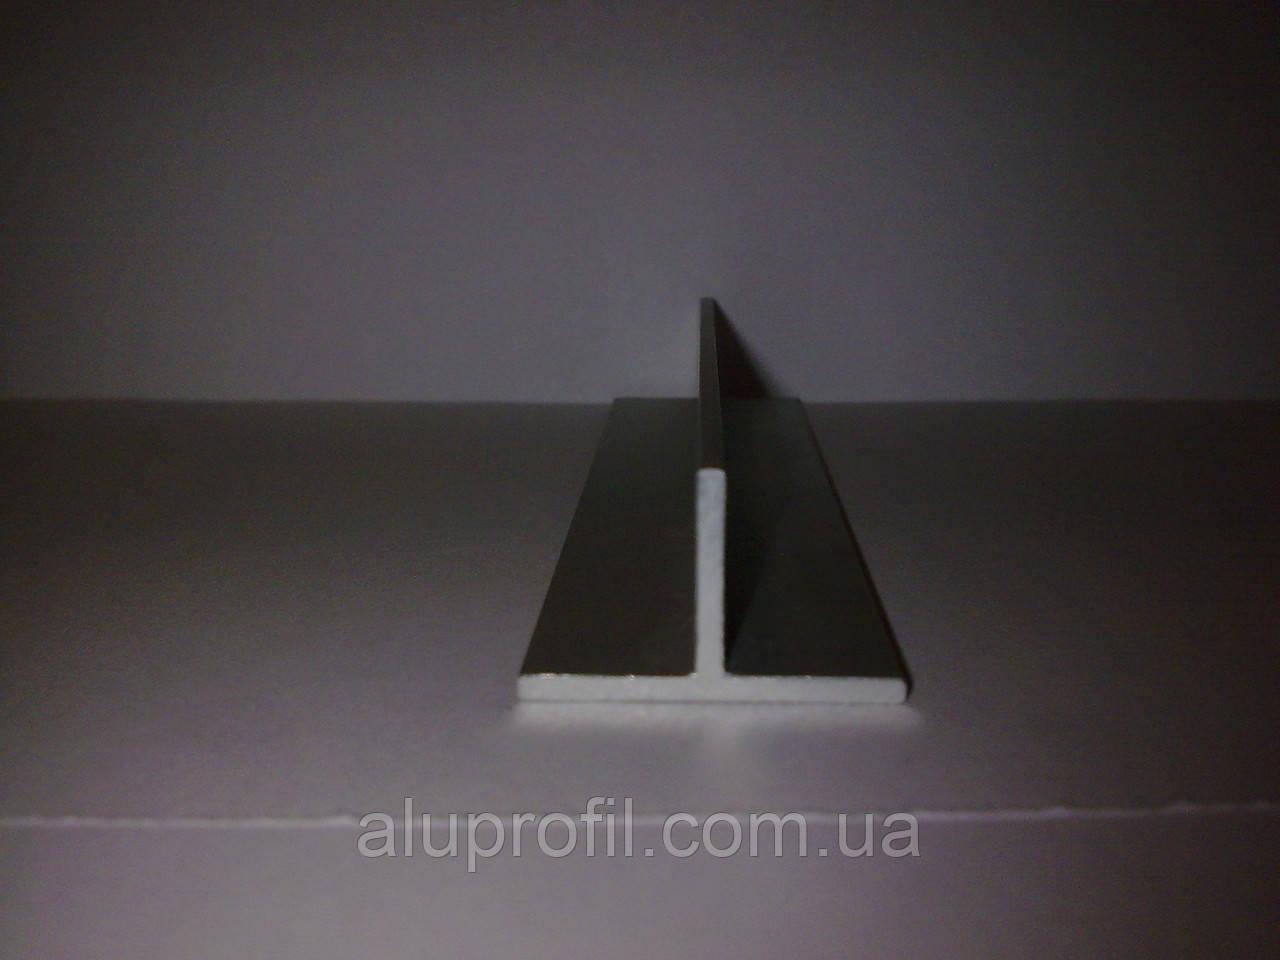 Алюминиевый профиль — тавр алюминиевый 24х14,7х1,7, фото 1